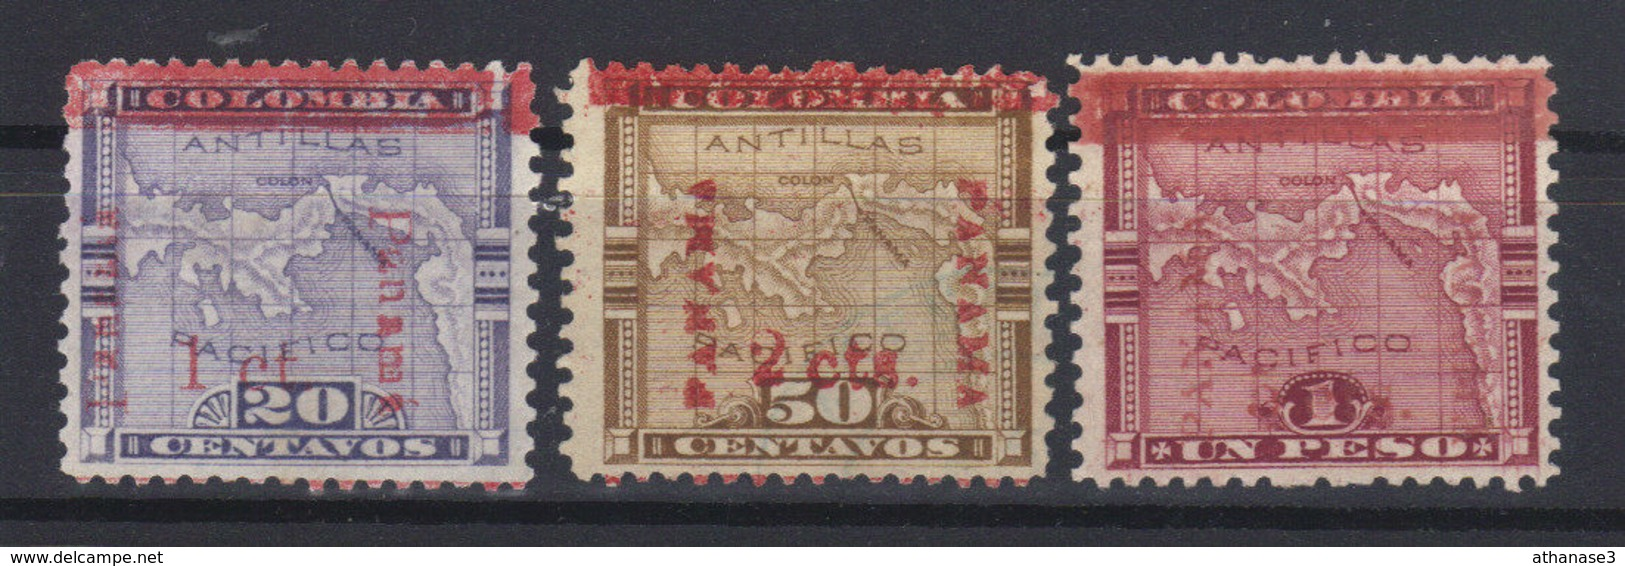 PANAMA  N°s 81*,84*,85* (1906) - Panama